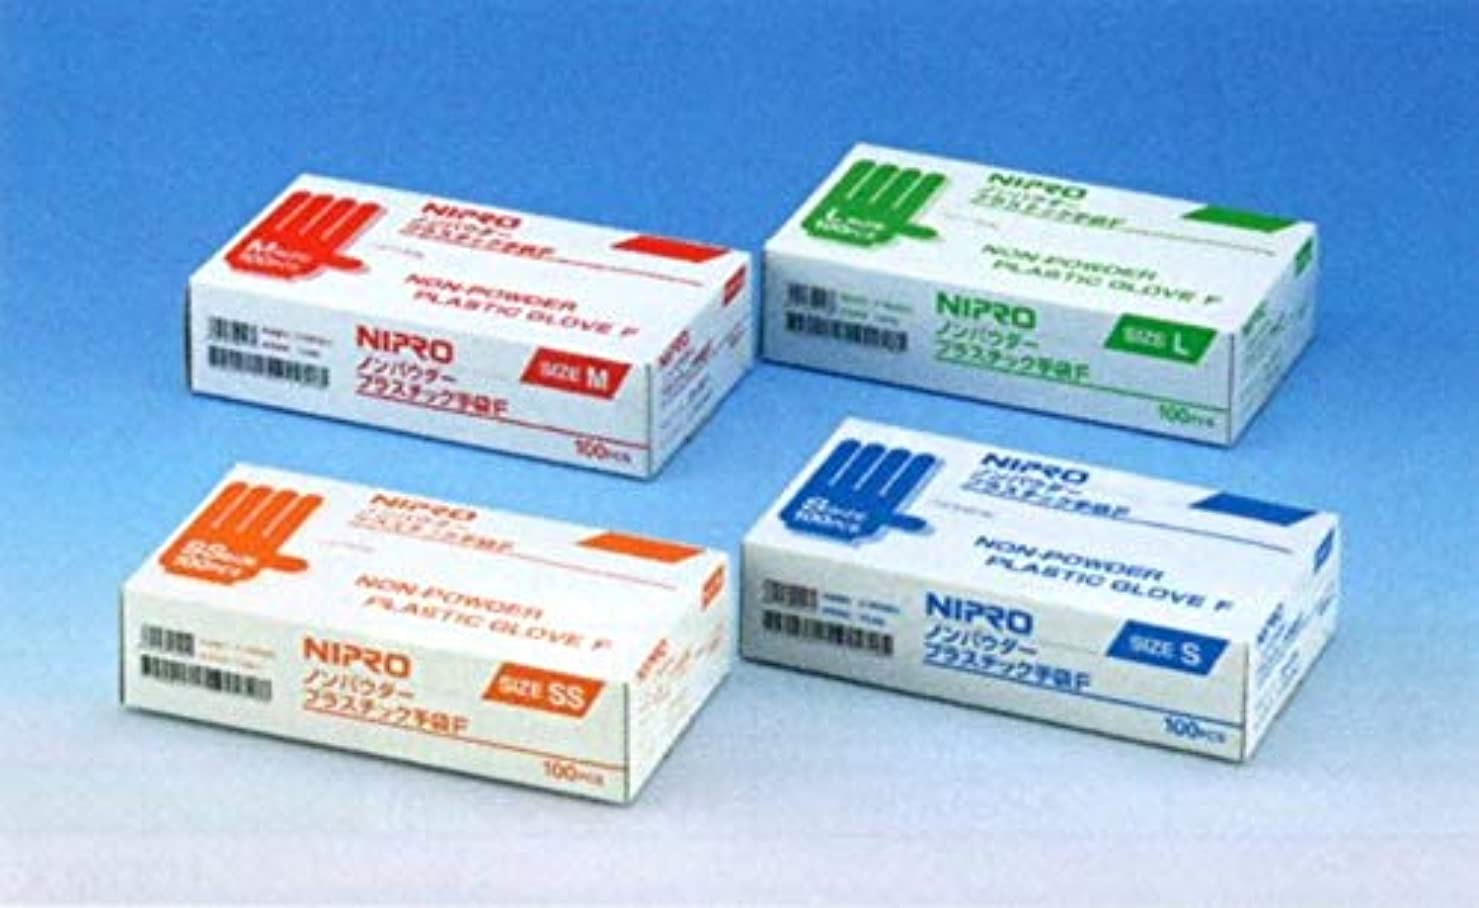 仕えるガジュマル荷物ニプロ ノンパウダープラスチック手袋F Sサイズ 100枚入 20-526